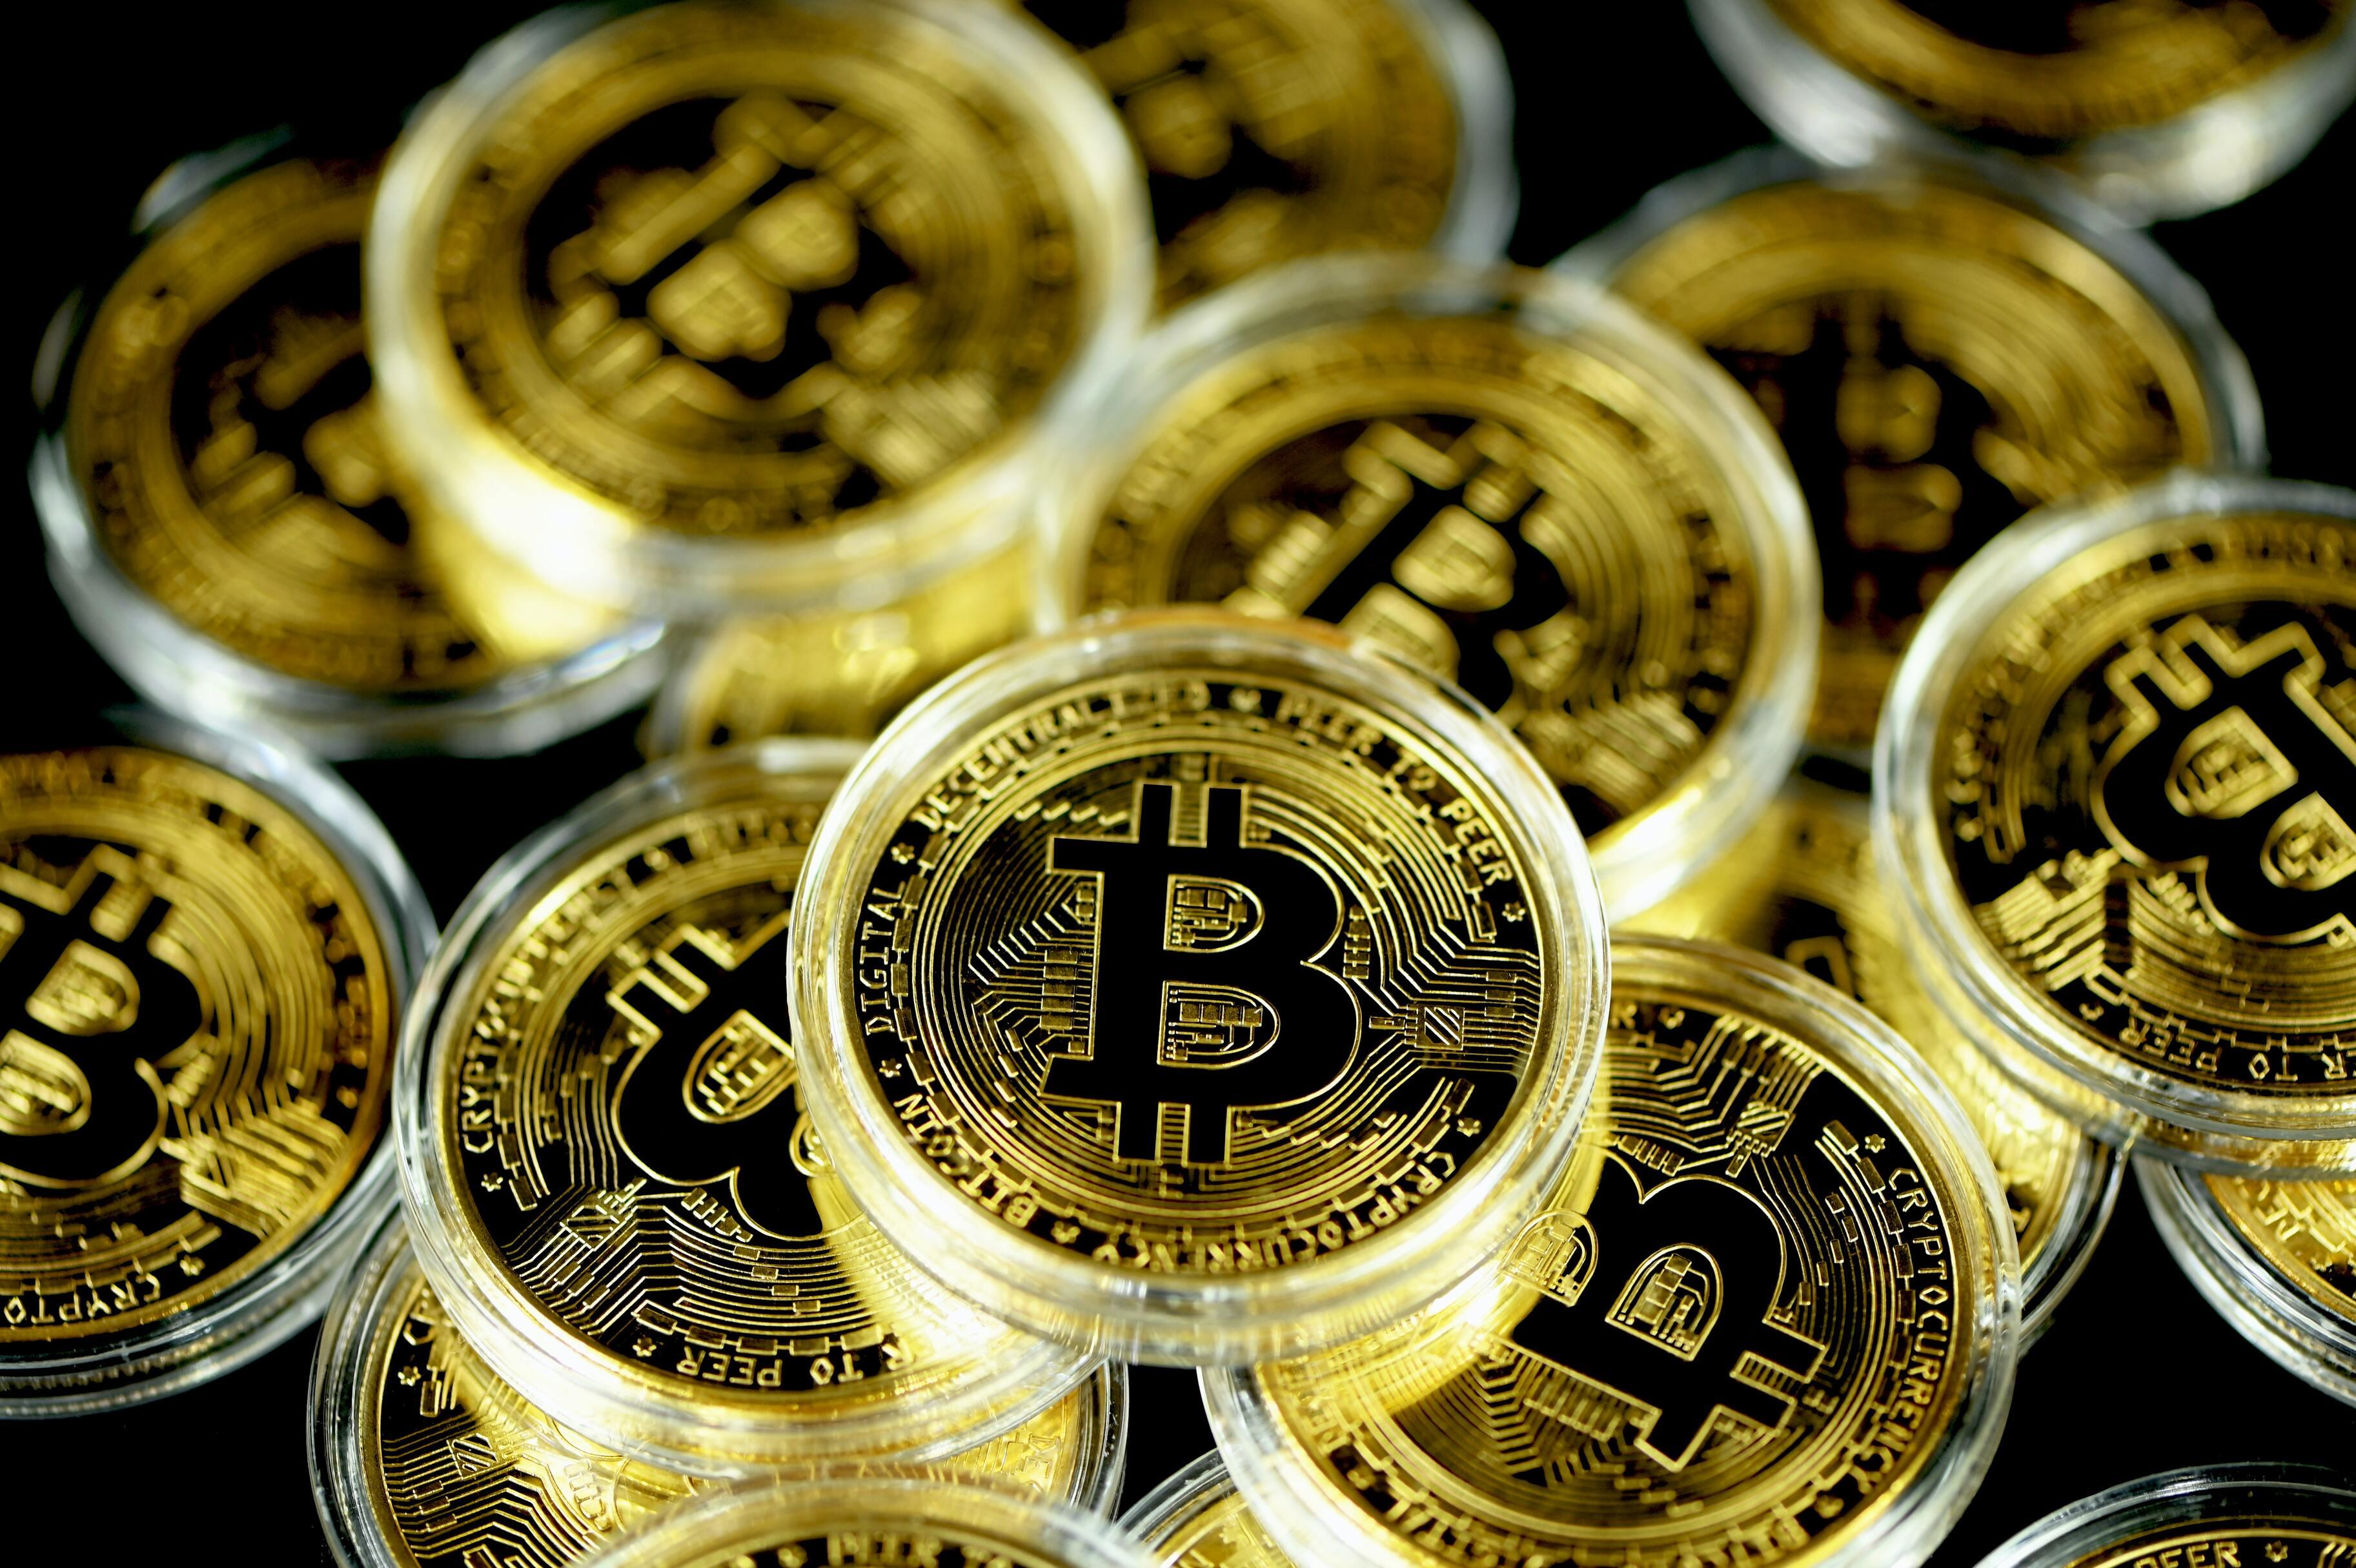 Покупатели криптовалюты рассказали о проблемах в личной жизни из-за этого